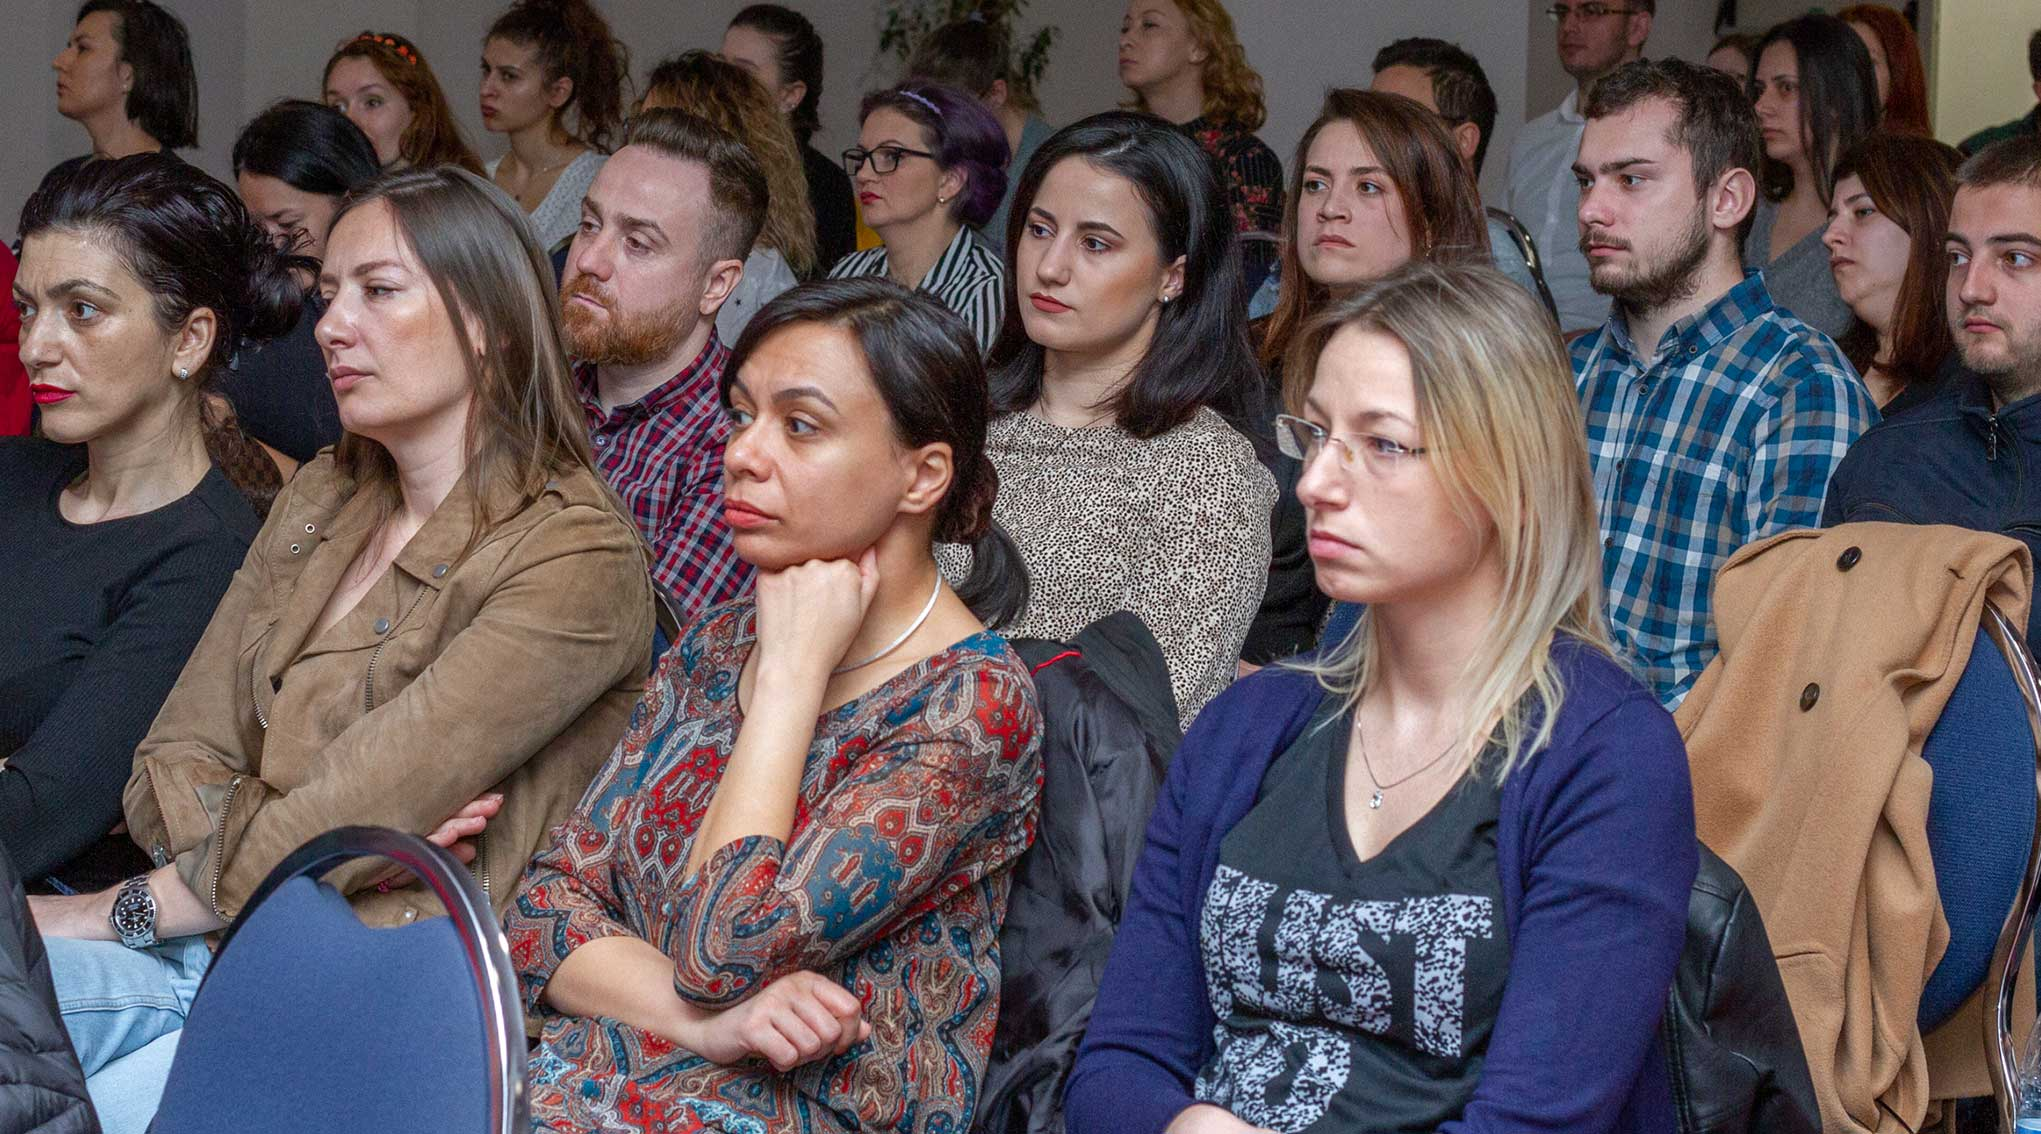 workshop-uri-demonstratii-si-conferinte-marca-atelierele-ilbah-pe-parcursul-a-4-zile-in-cadrul-romexpo-87